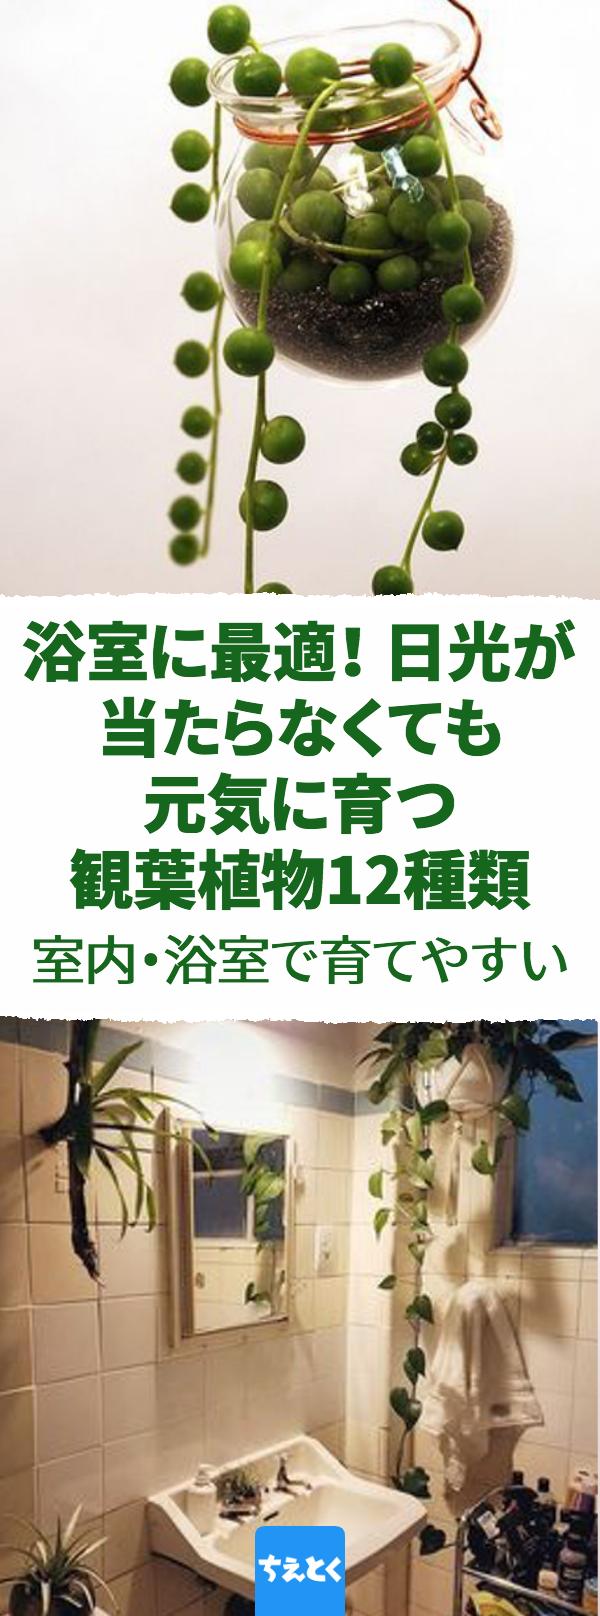 室内 浴室で育てやすい観葉植物12種類 日差しが少なく湿気の多い環境